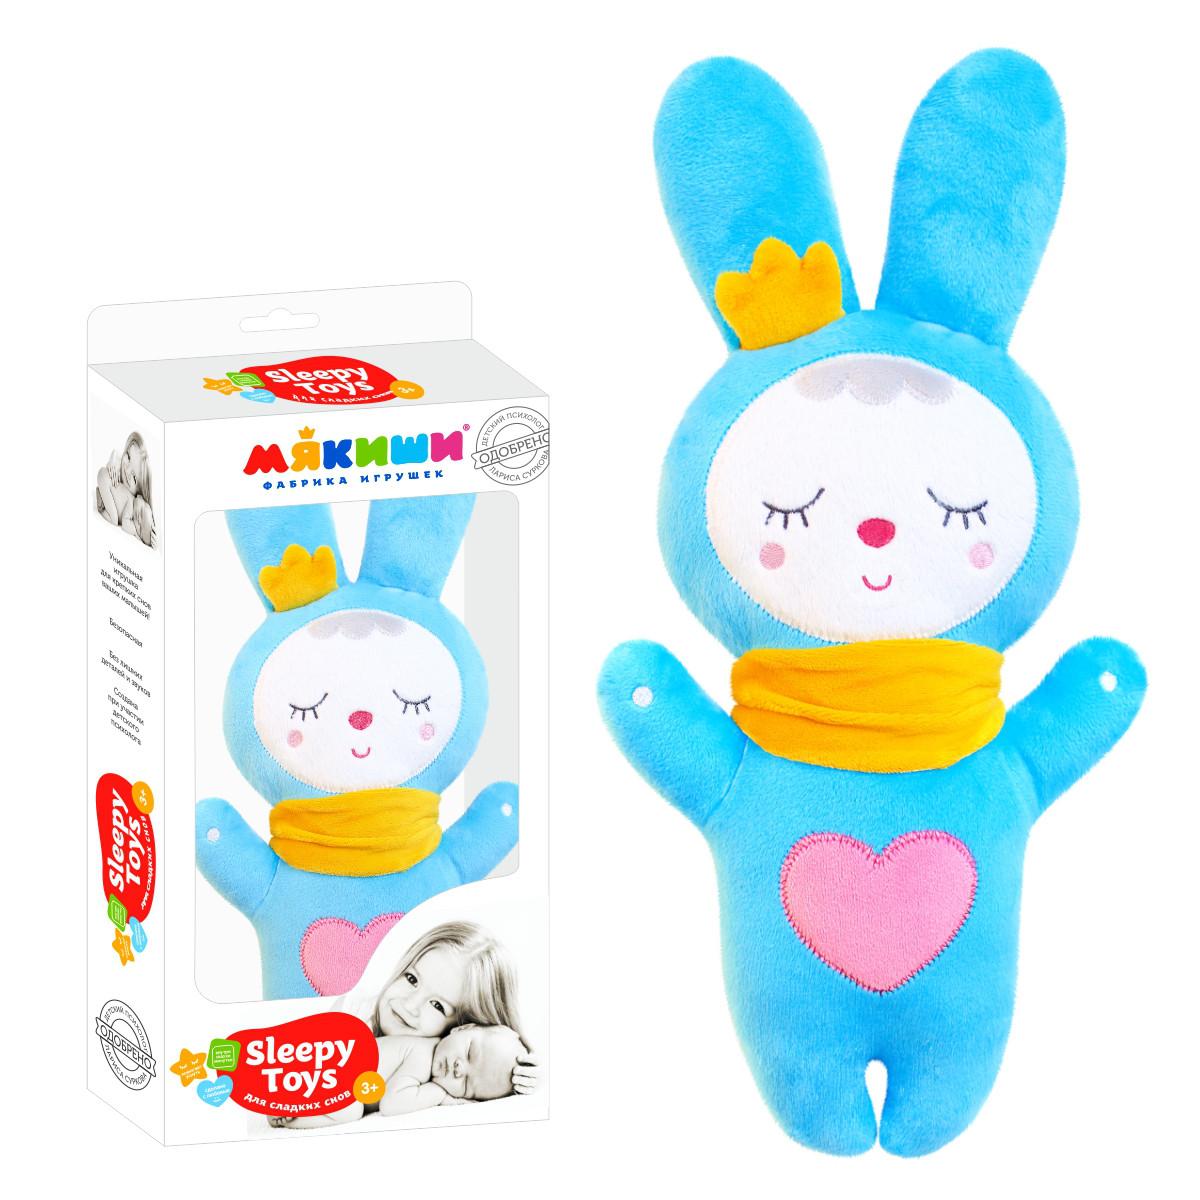 """Мякиши """"Sleepy Toys"""" Мягкая игрушка для сладких снов - Зайка"""